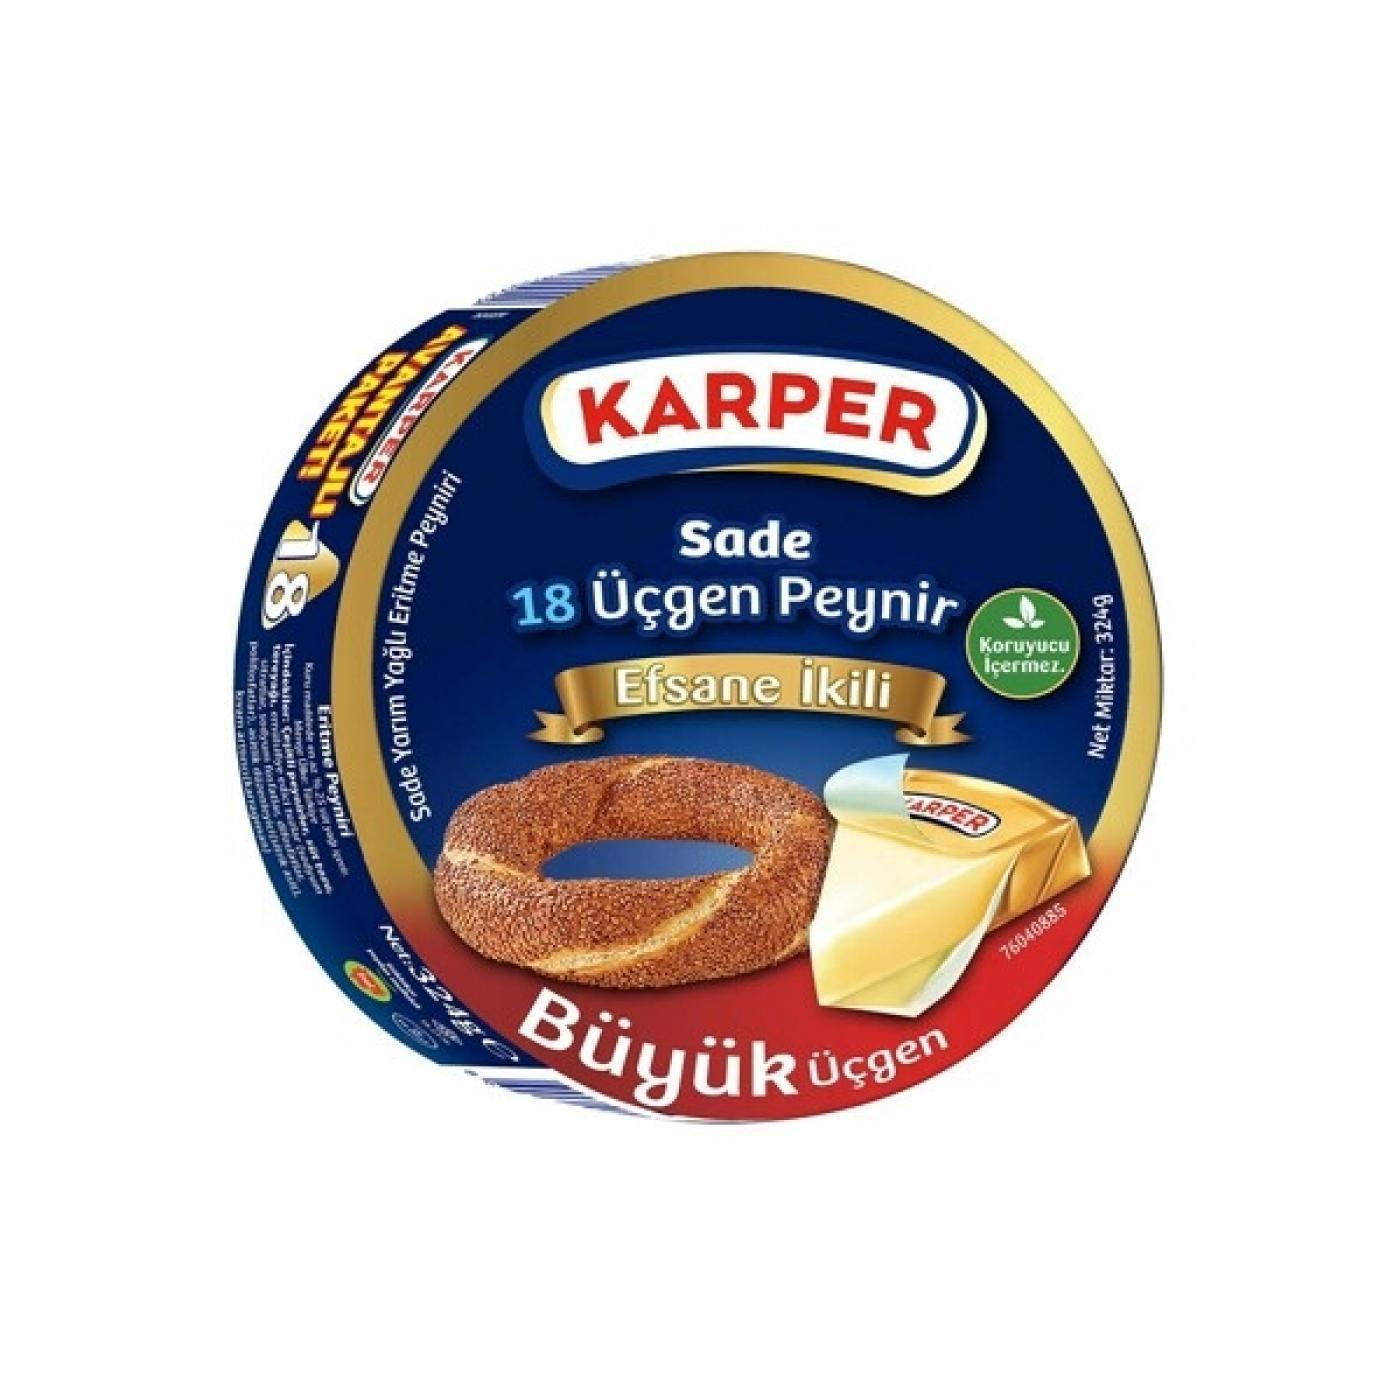 KARPER 8Lİ SADE ÜÇGEN PEYNİR 100GR